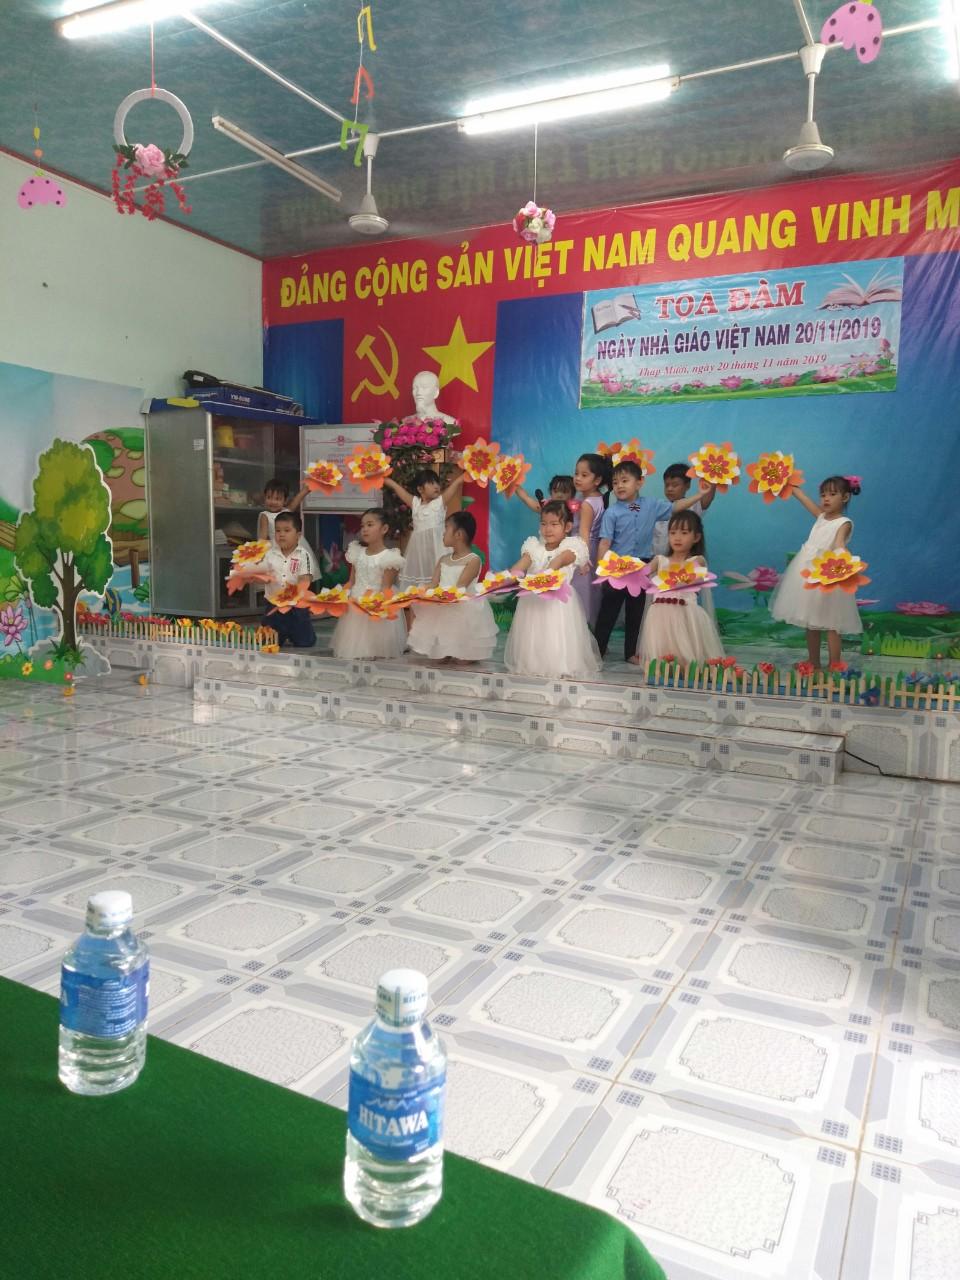 Hình ảnh: Các bé đang biểu diễn văn nghệ chào mừng